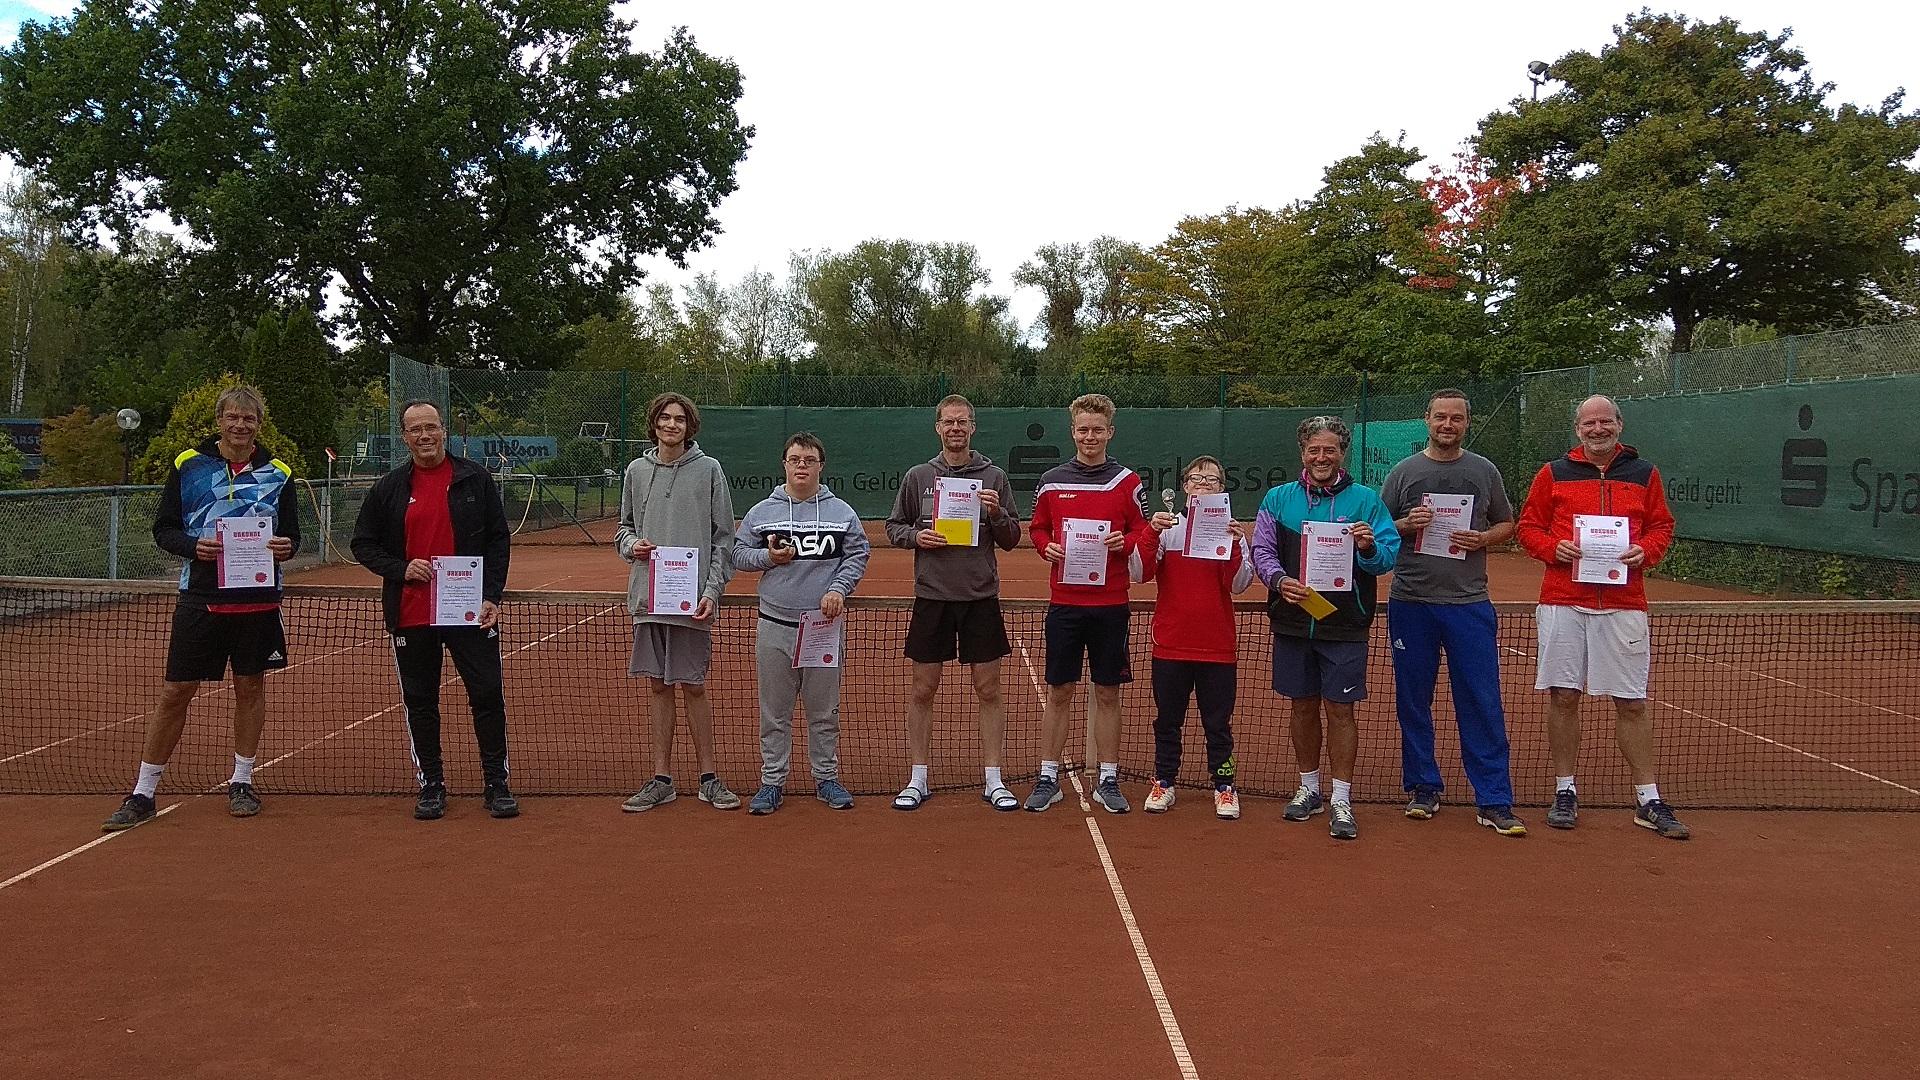 telekom-post-sv-bielefeld-tennisabteilung-vereinsmeisterschaften-2020-sieger-herren-doppel-nebenrunde-und-unified doppel-hp